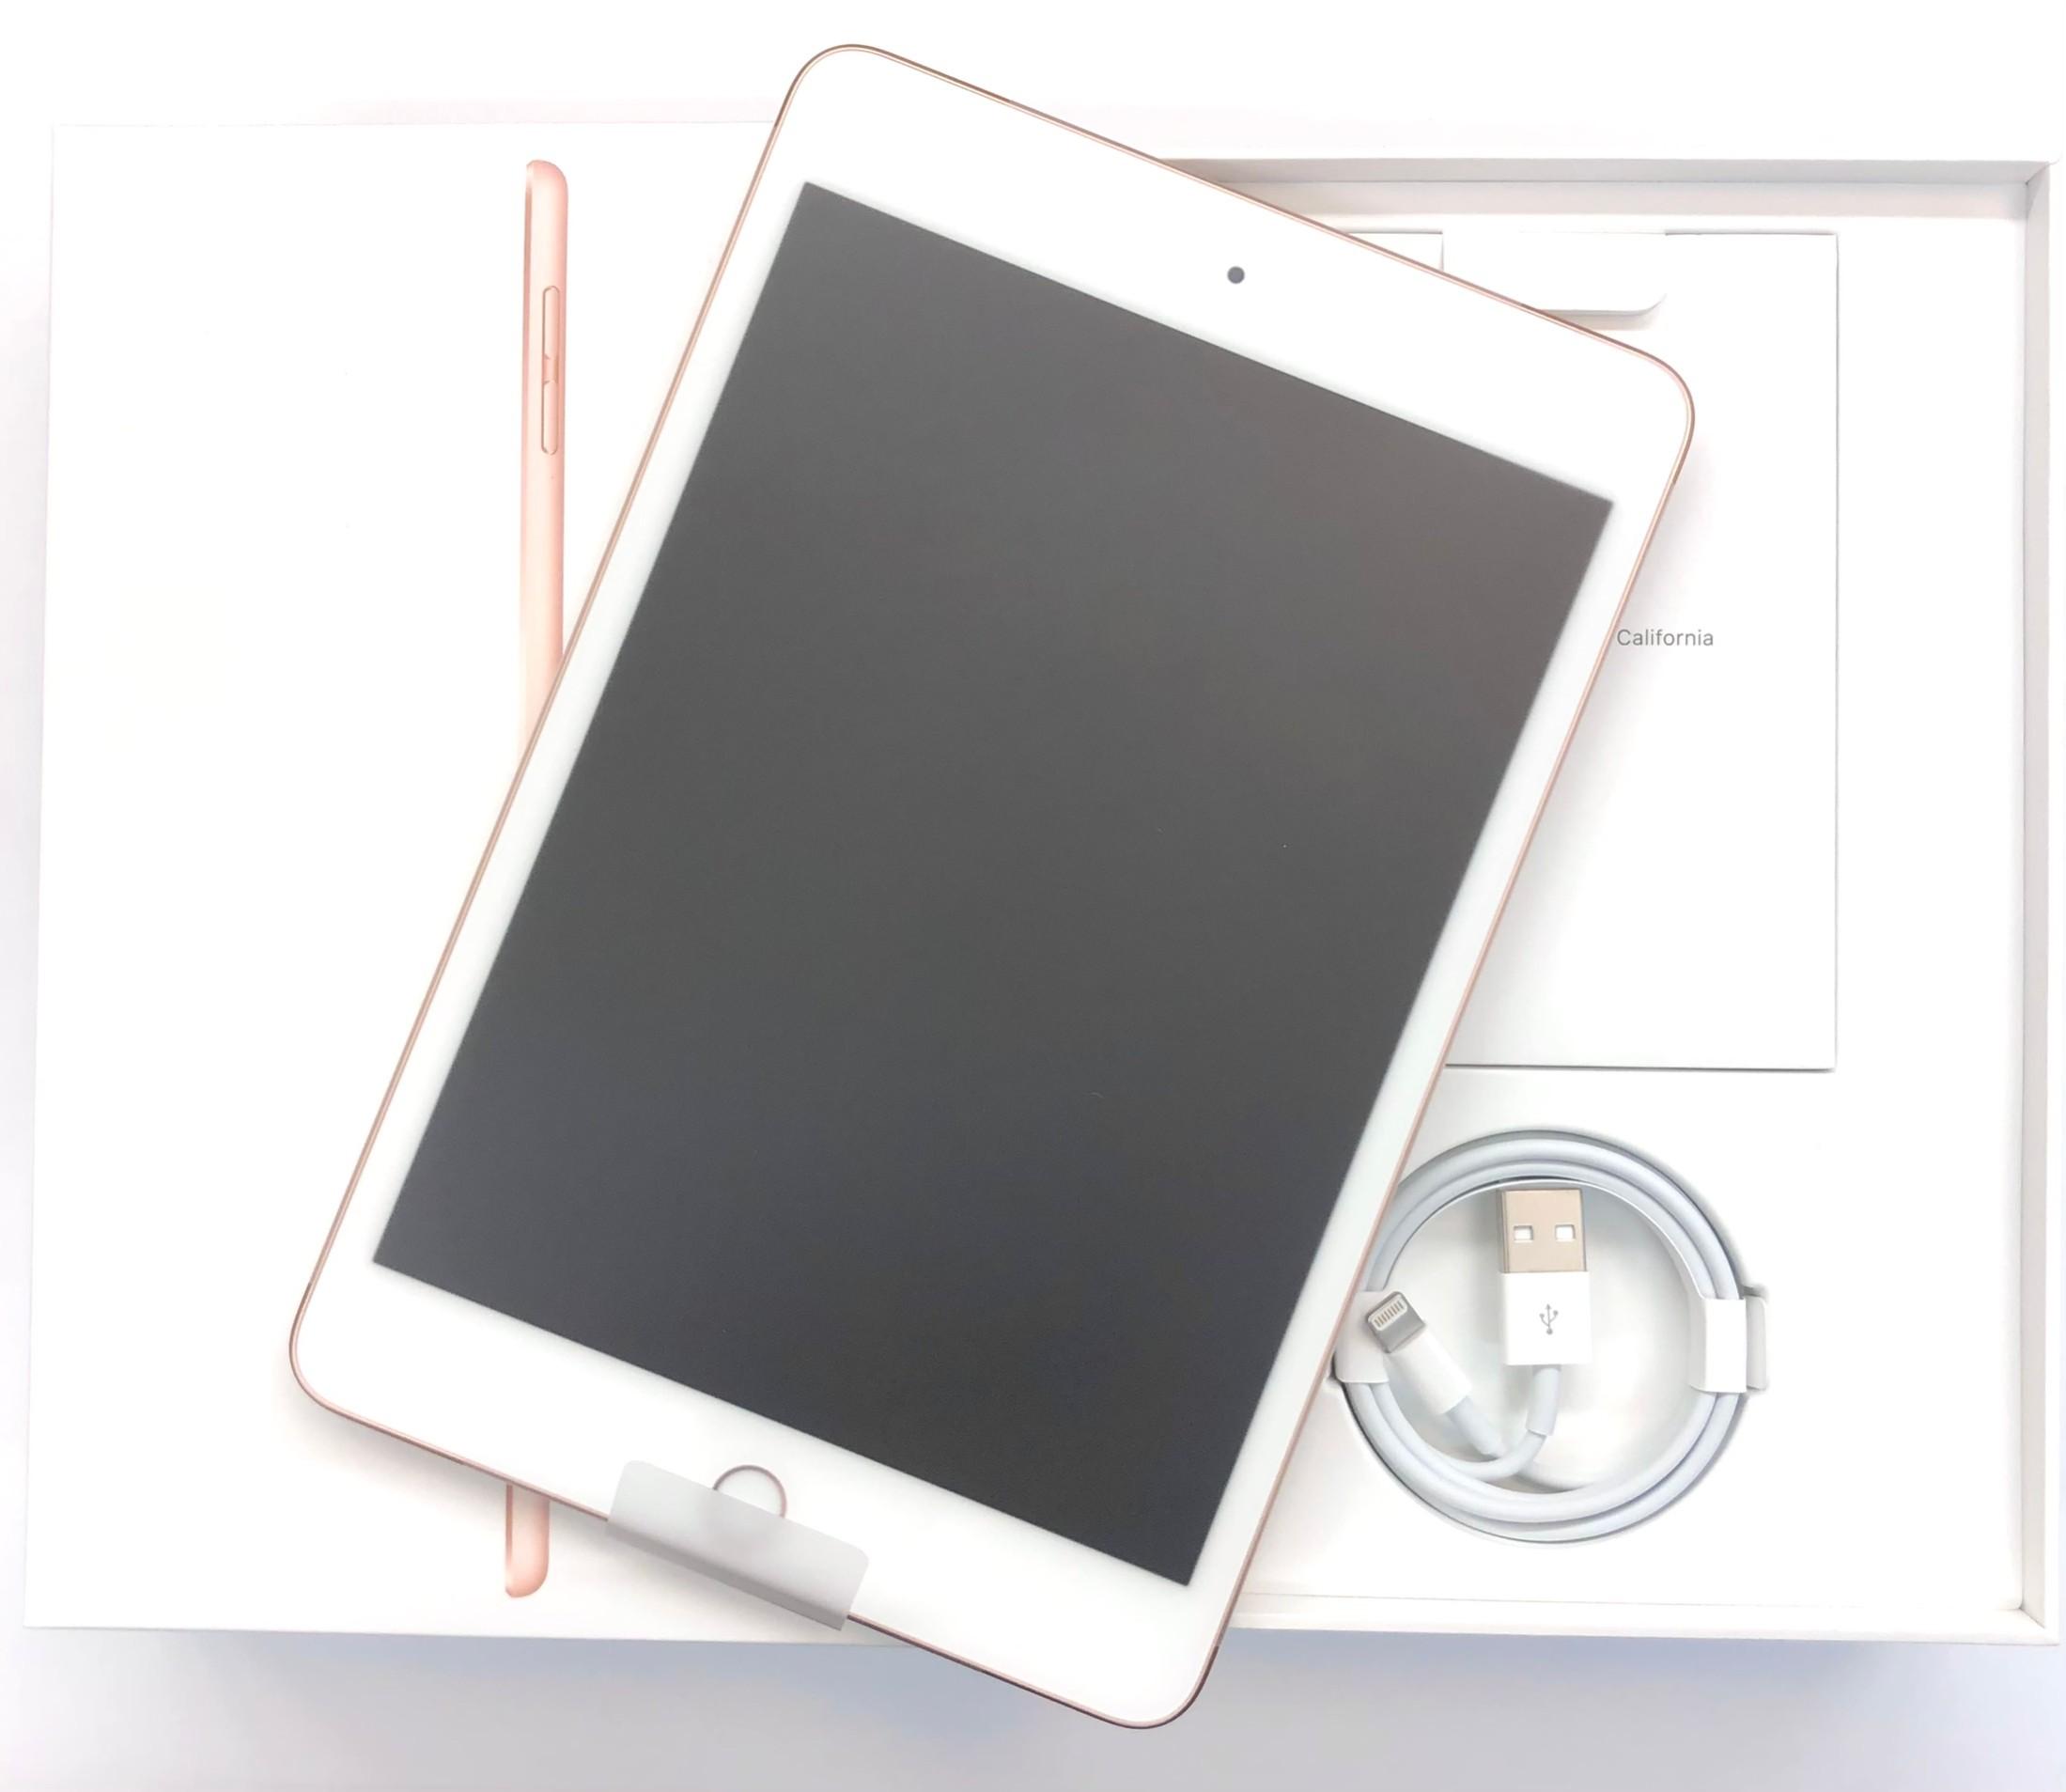 iPad mini 7.9インチ 第5世代 Wi-Fi 256GB MUU62J/A ゴールド